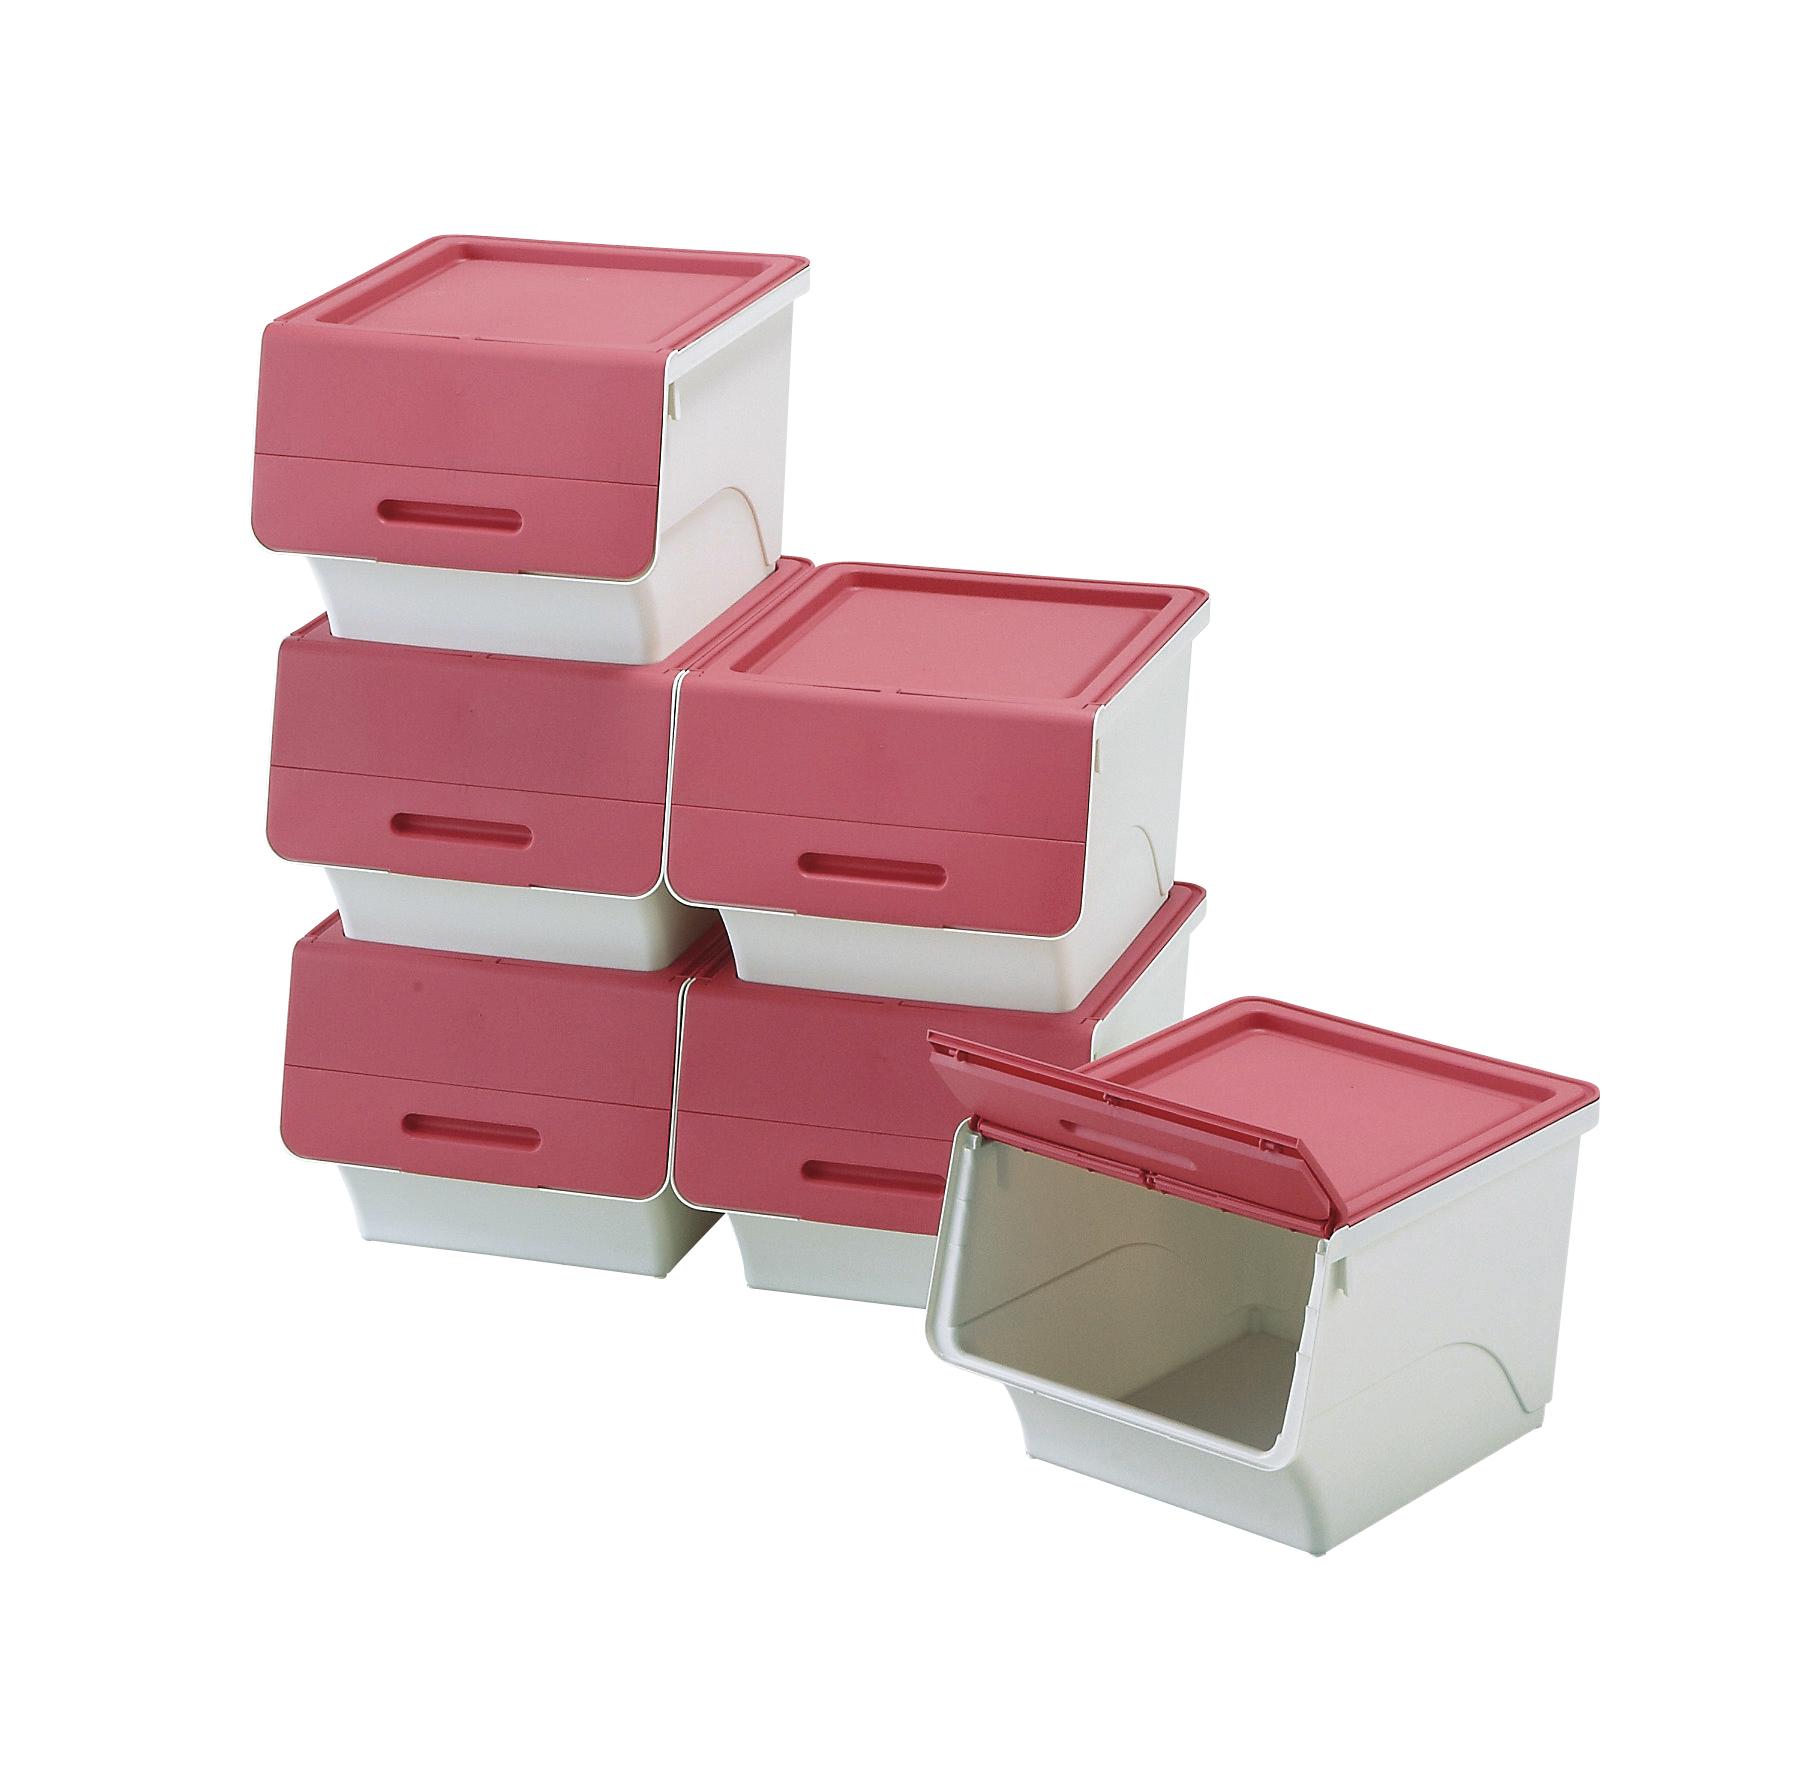 前開きボックス6個セット ピンク